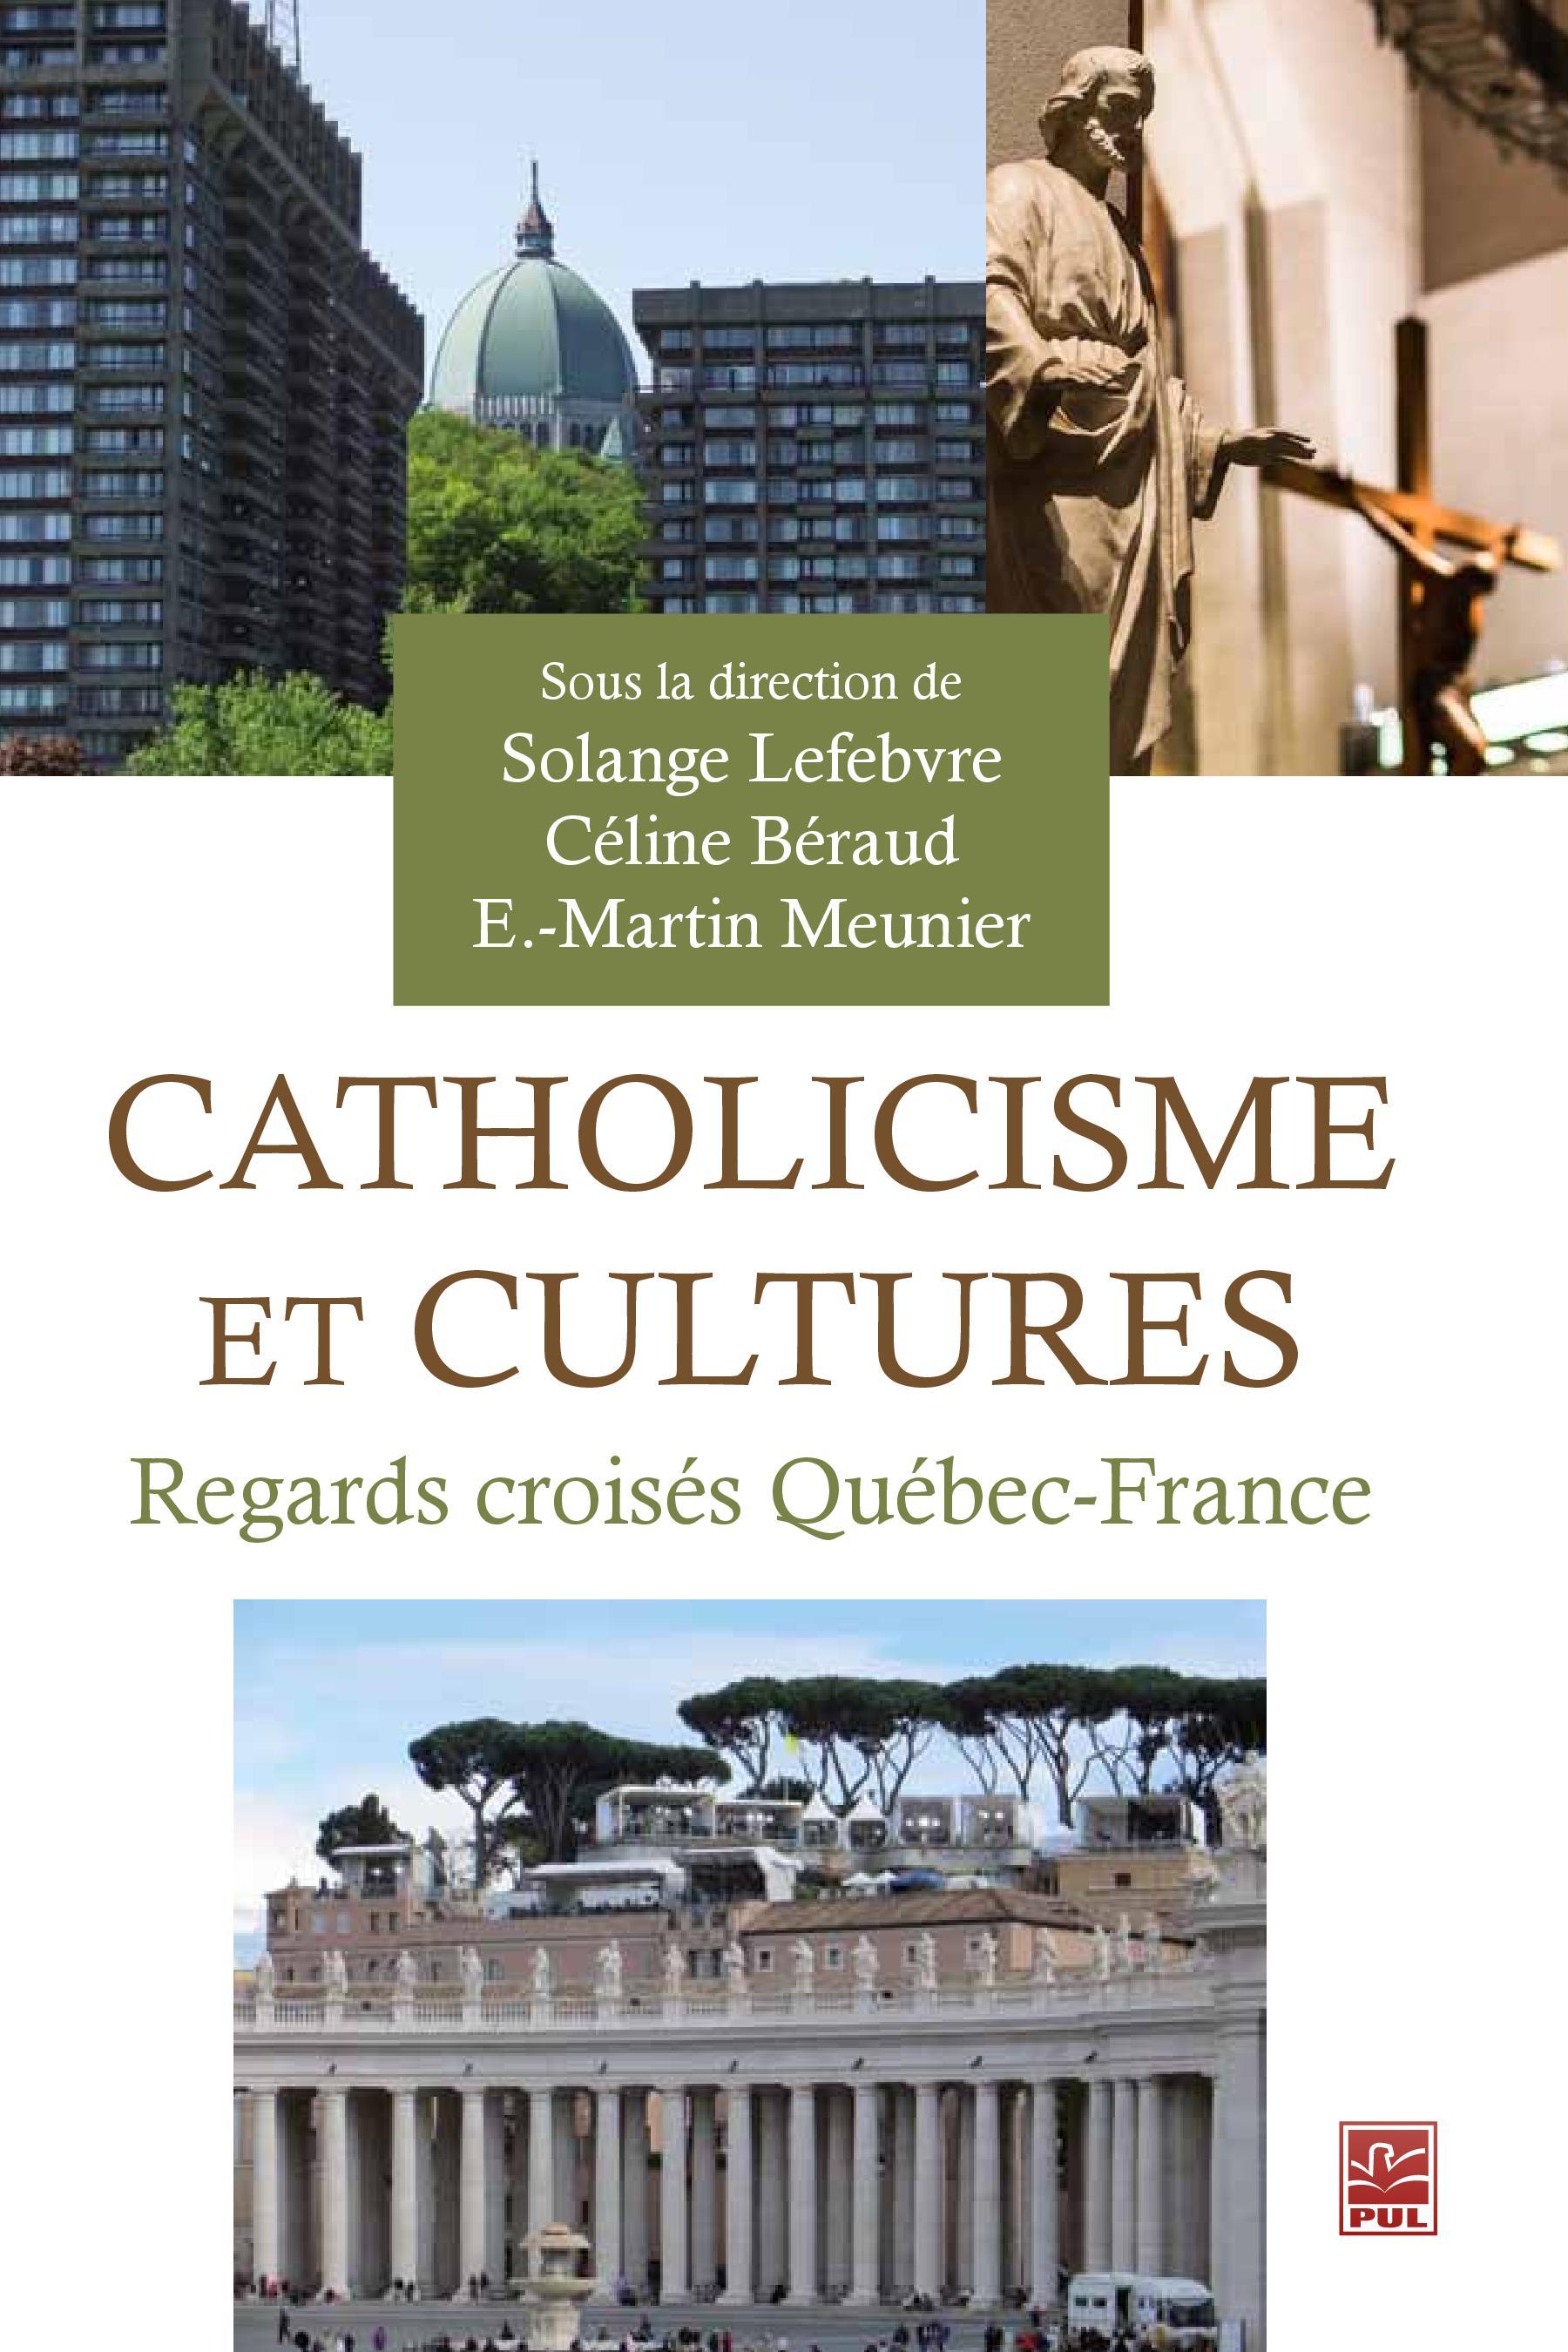 Catholicisme et cultures, Regards croisés Québec-France